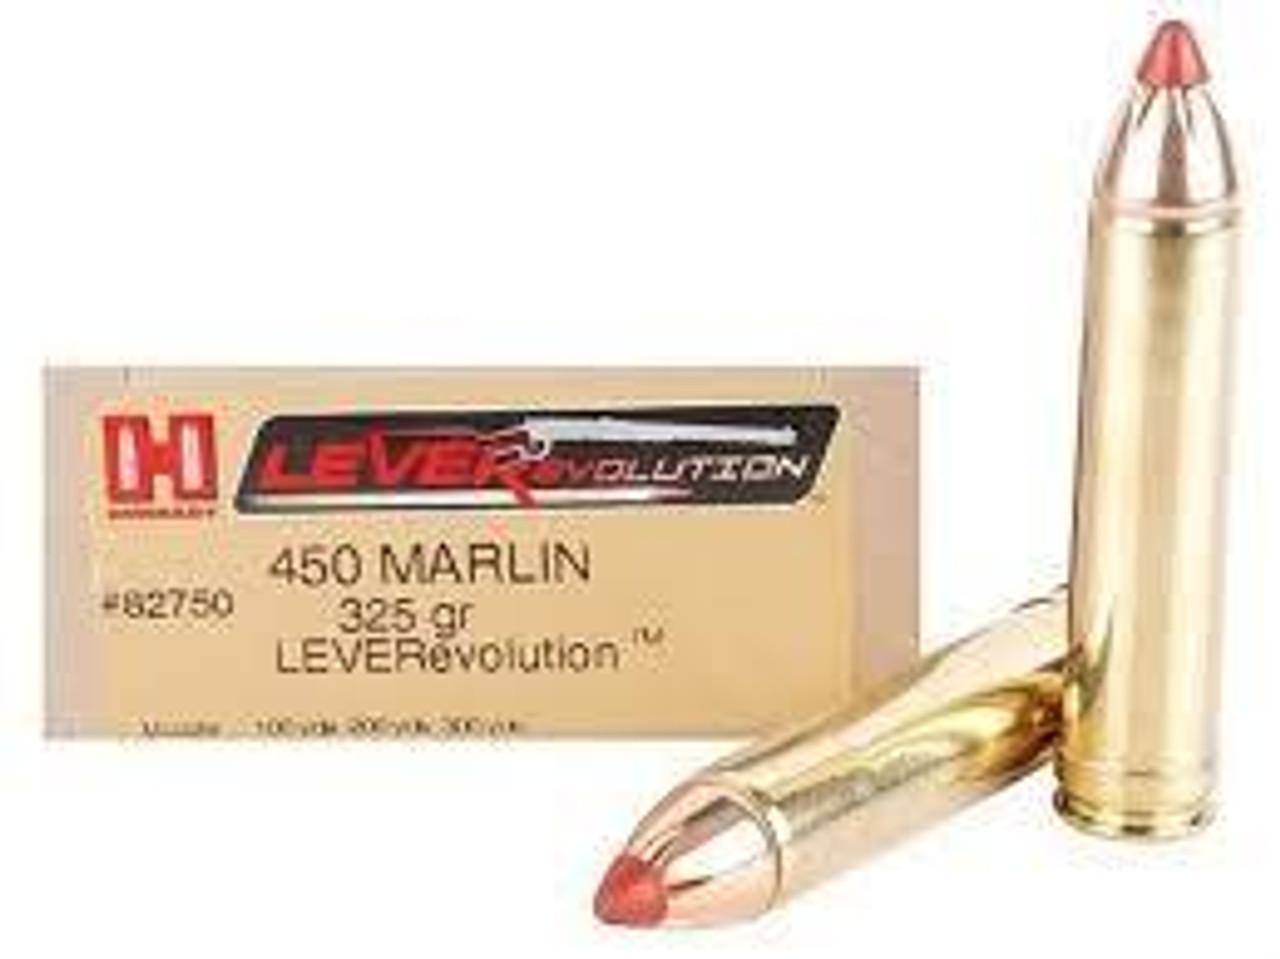 450 Marlin Ammo